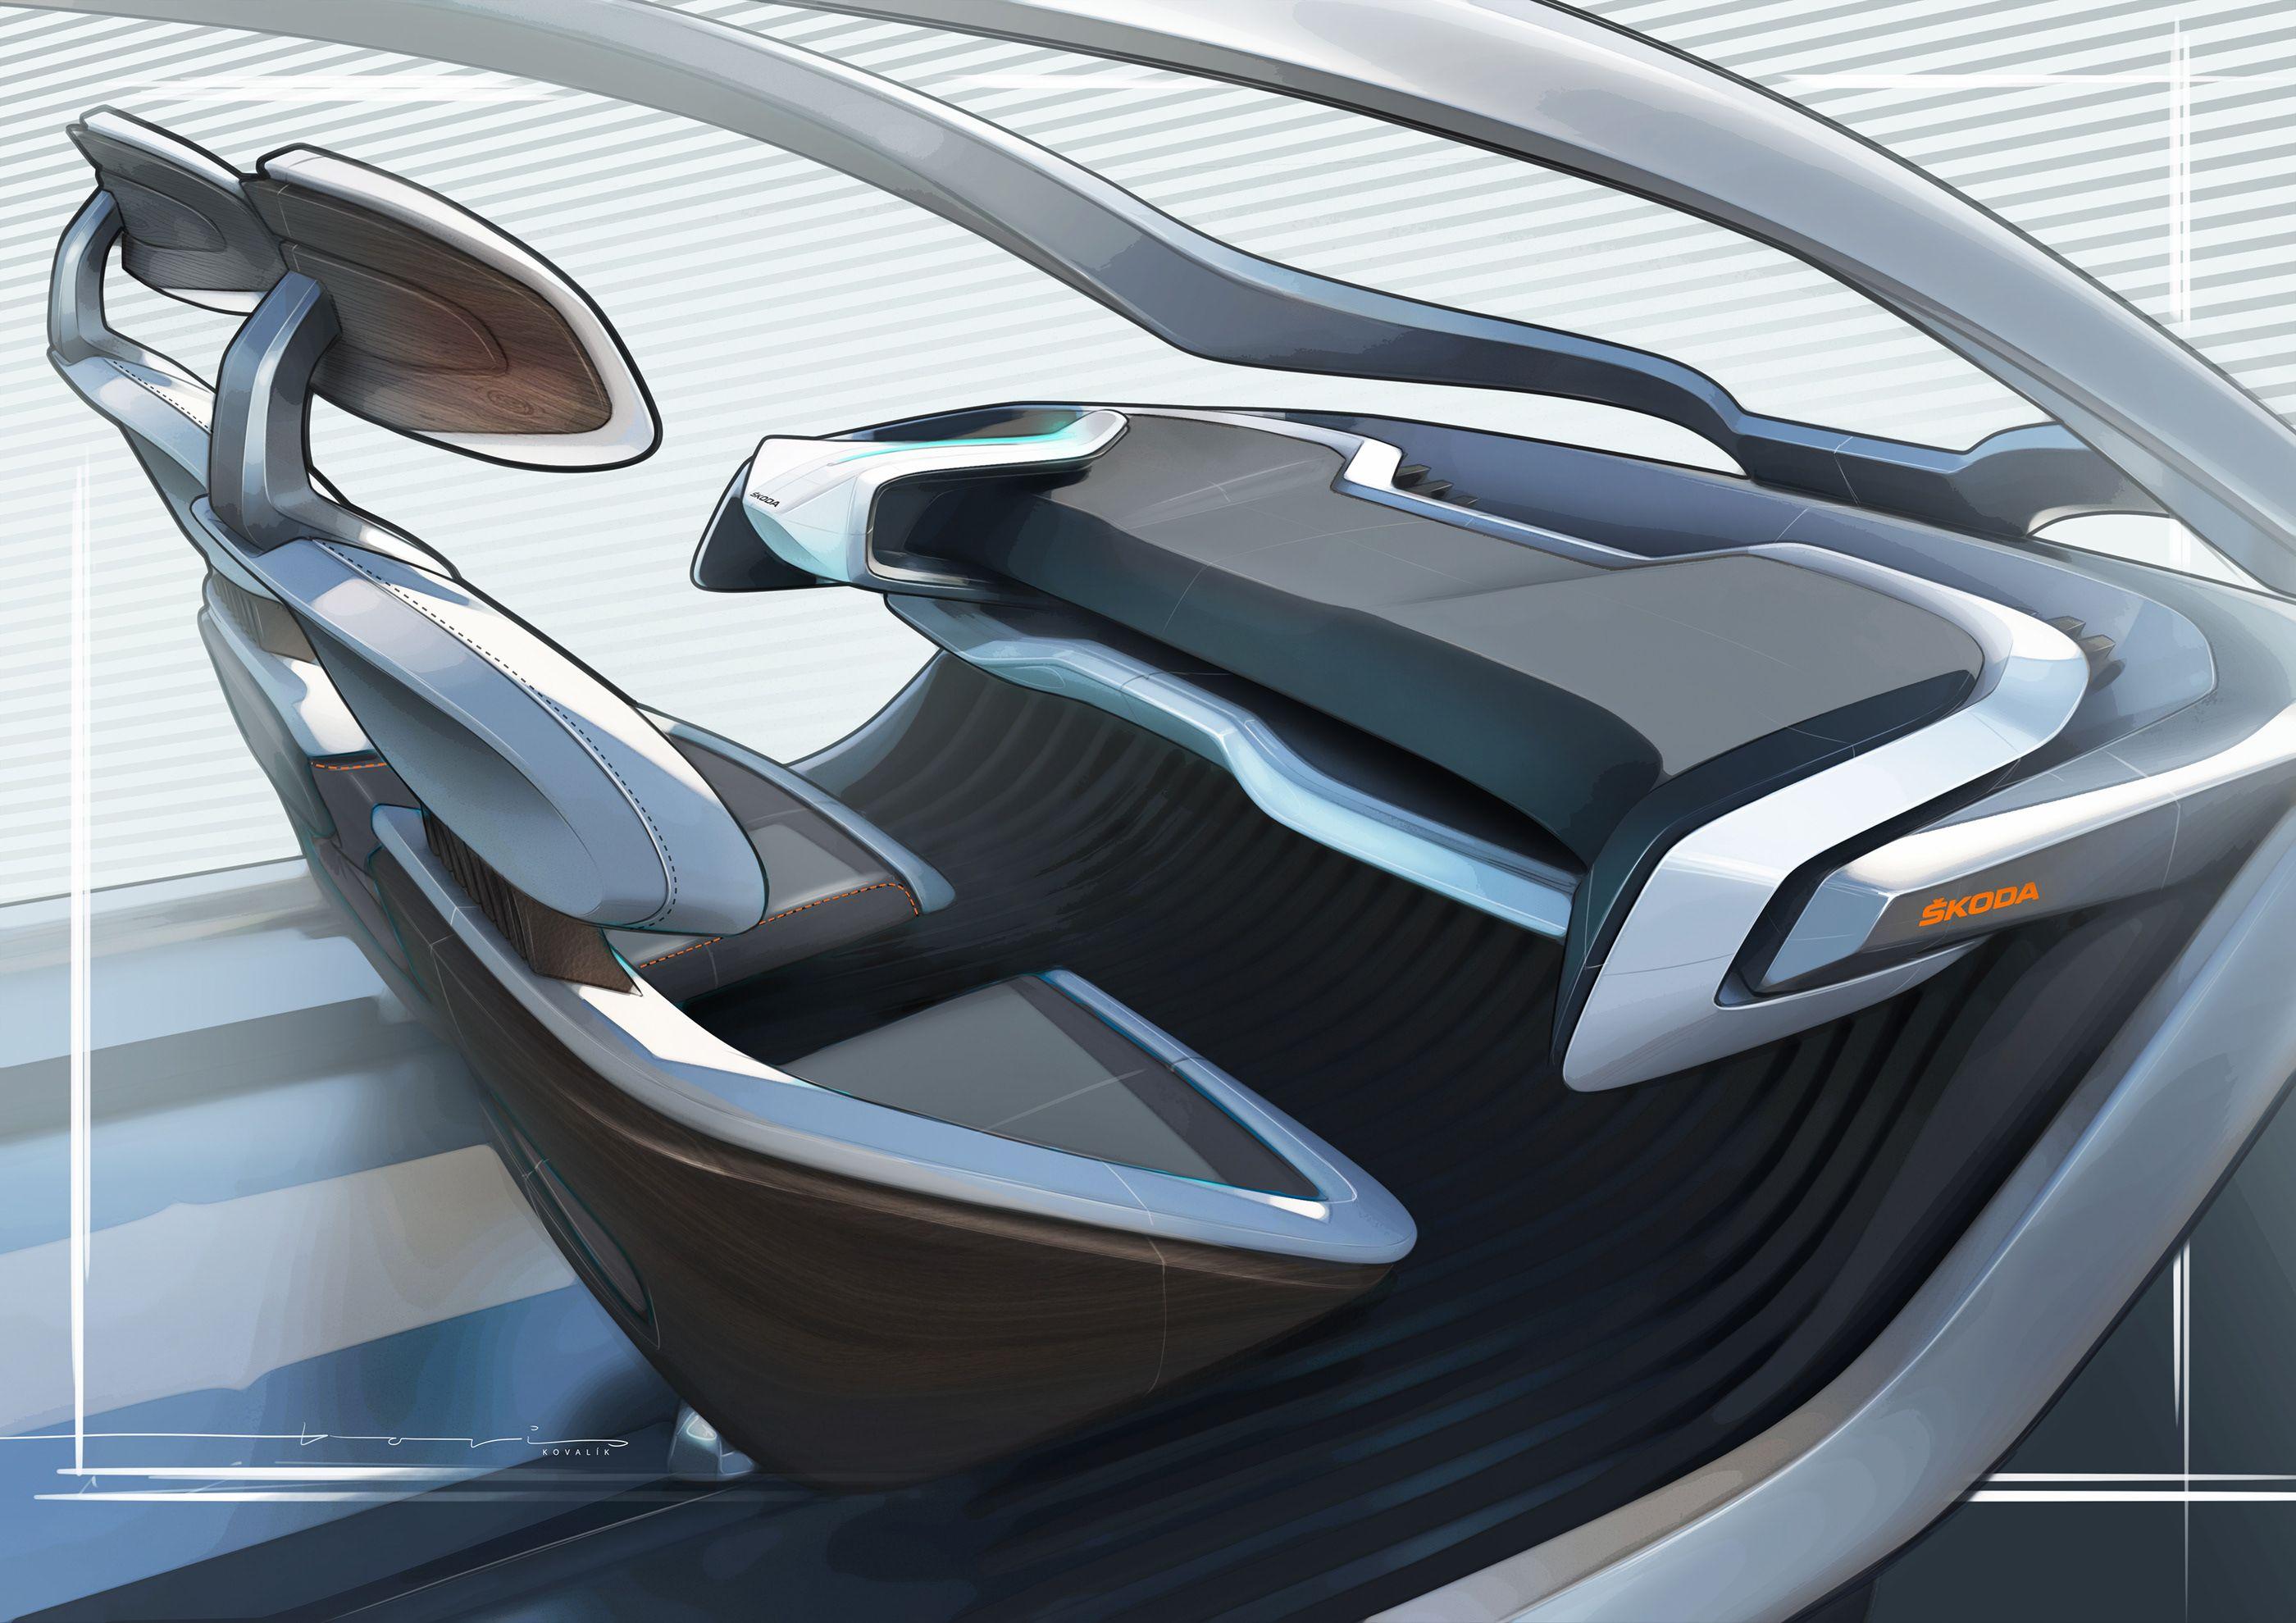 Pin By Nicolas Fourny On I N T E R I O R Car Interior Design